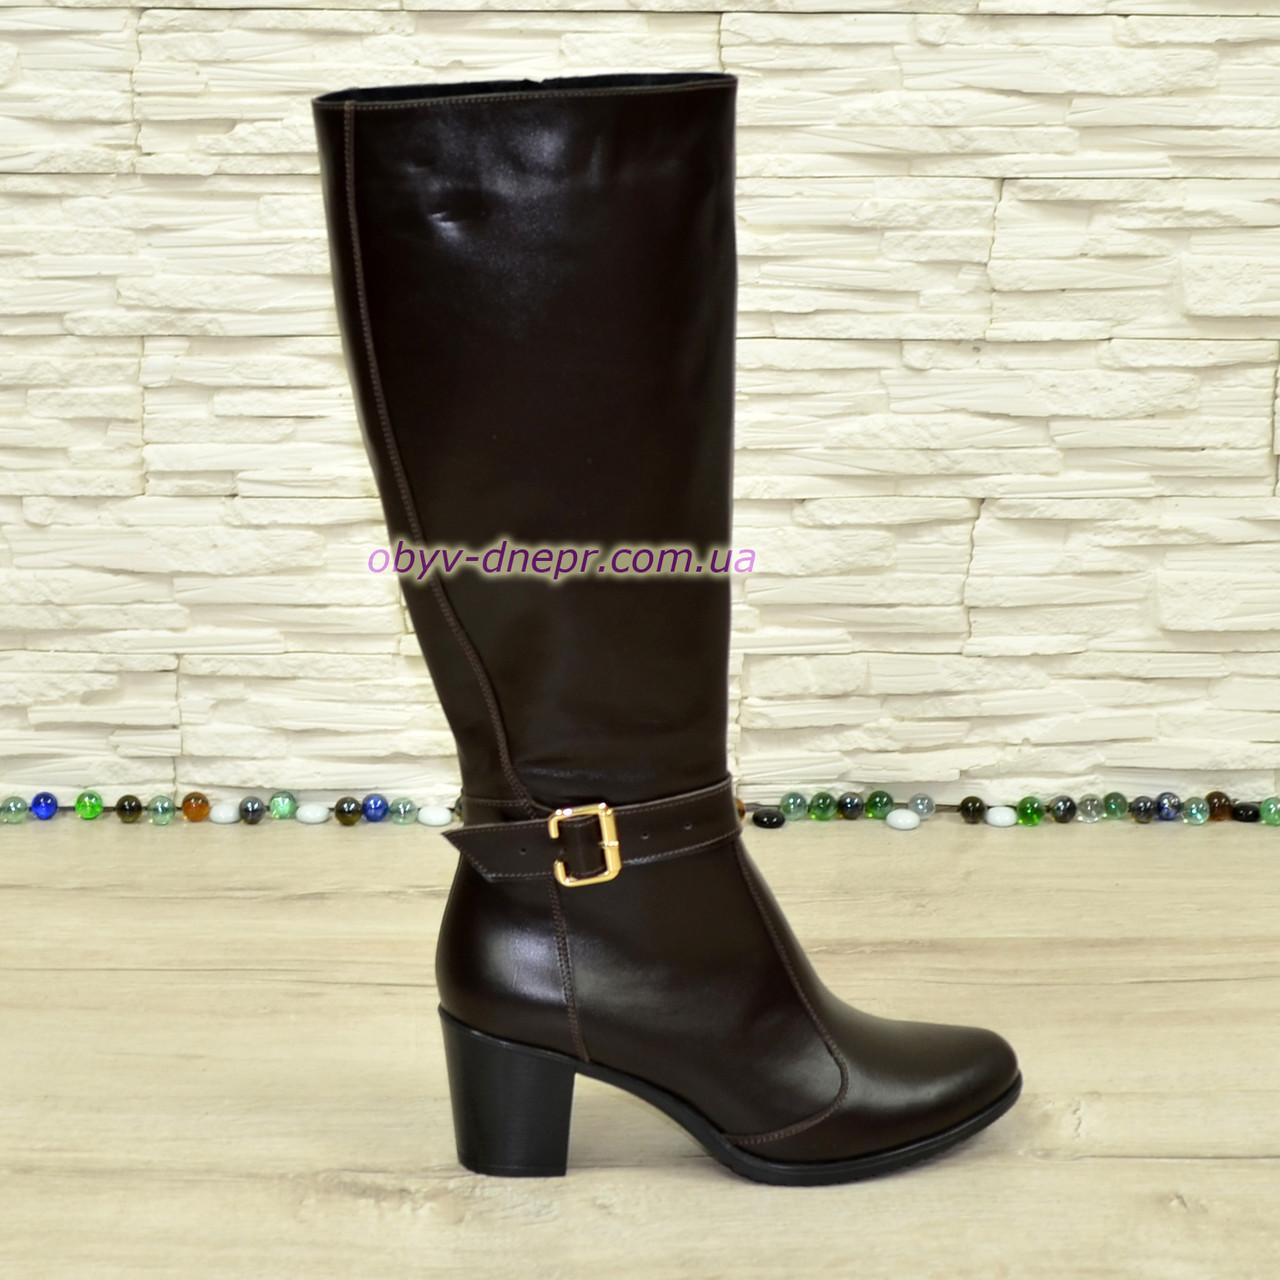 Сапоги женские коричневые кожаные, устойчивый каблук. Батал.